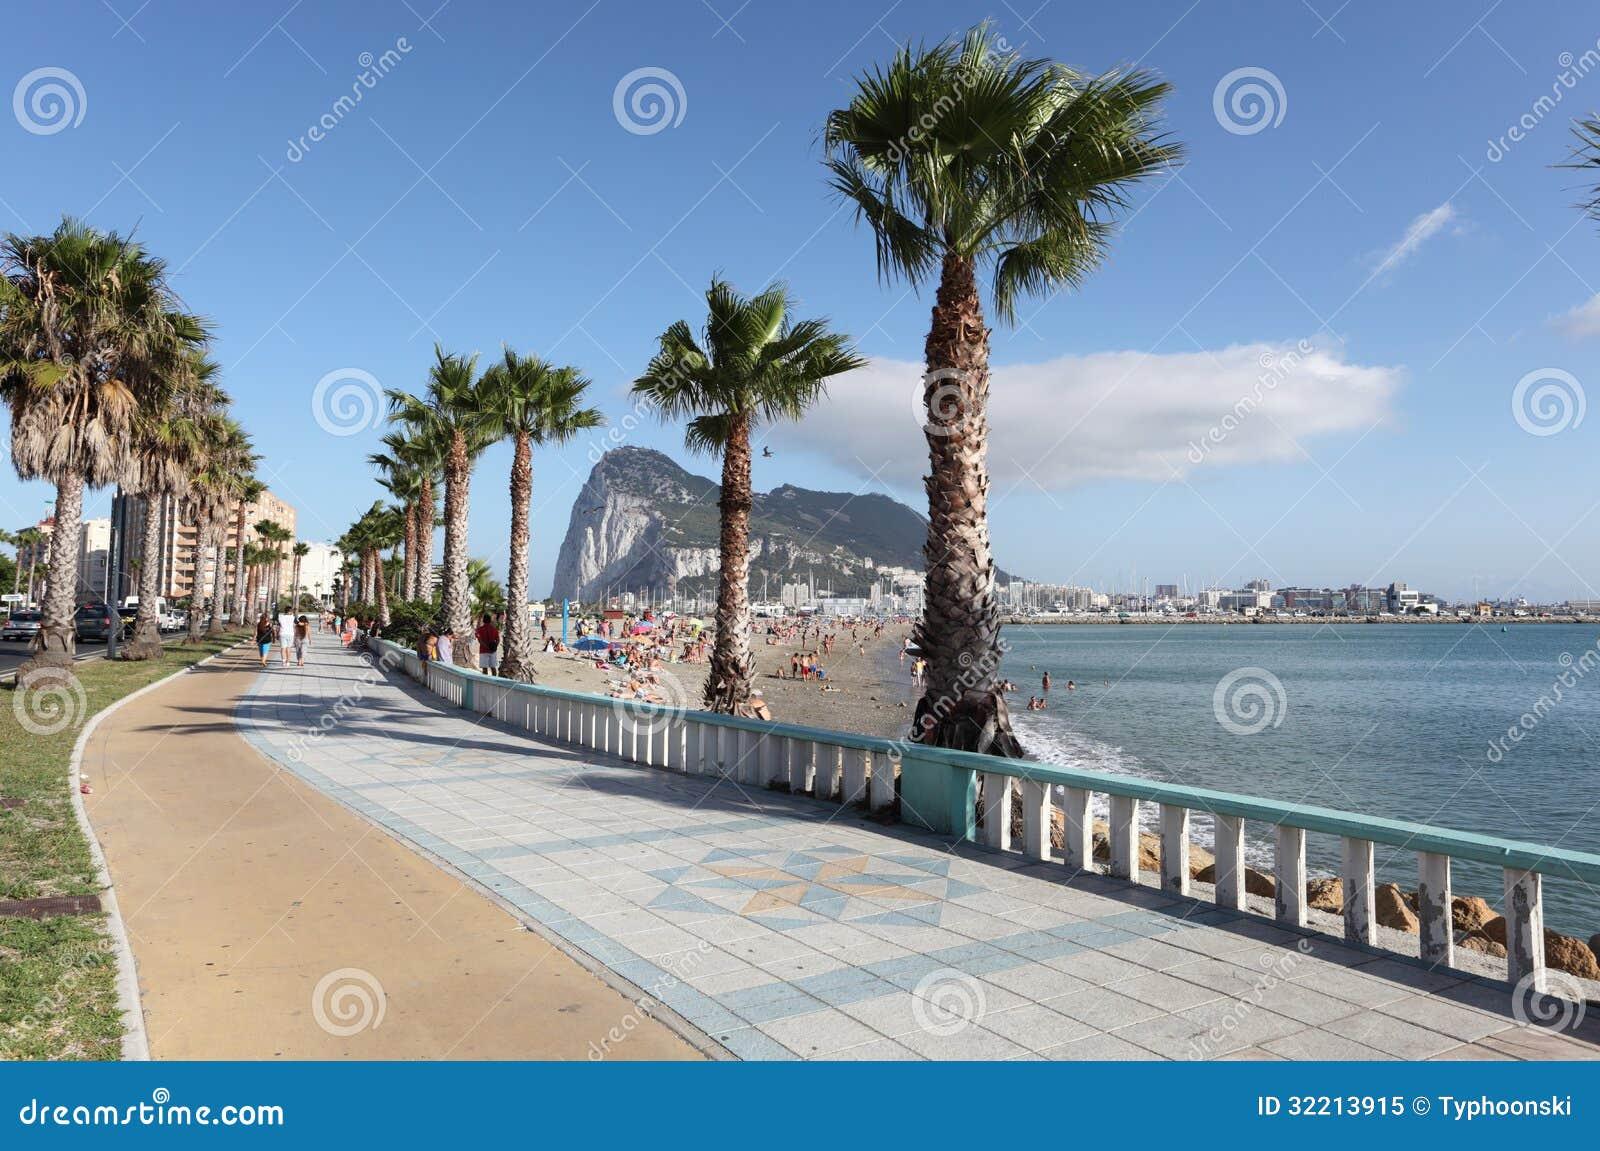 La Linea de la Concepcion Spain  city photo : Promenade in La Linea de la Concepcion, Spain. Rock of Gibraltar in ...